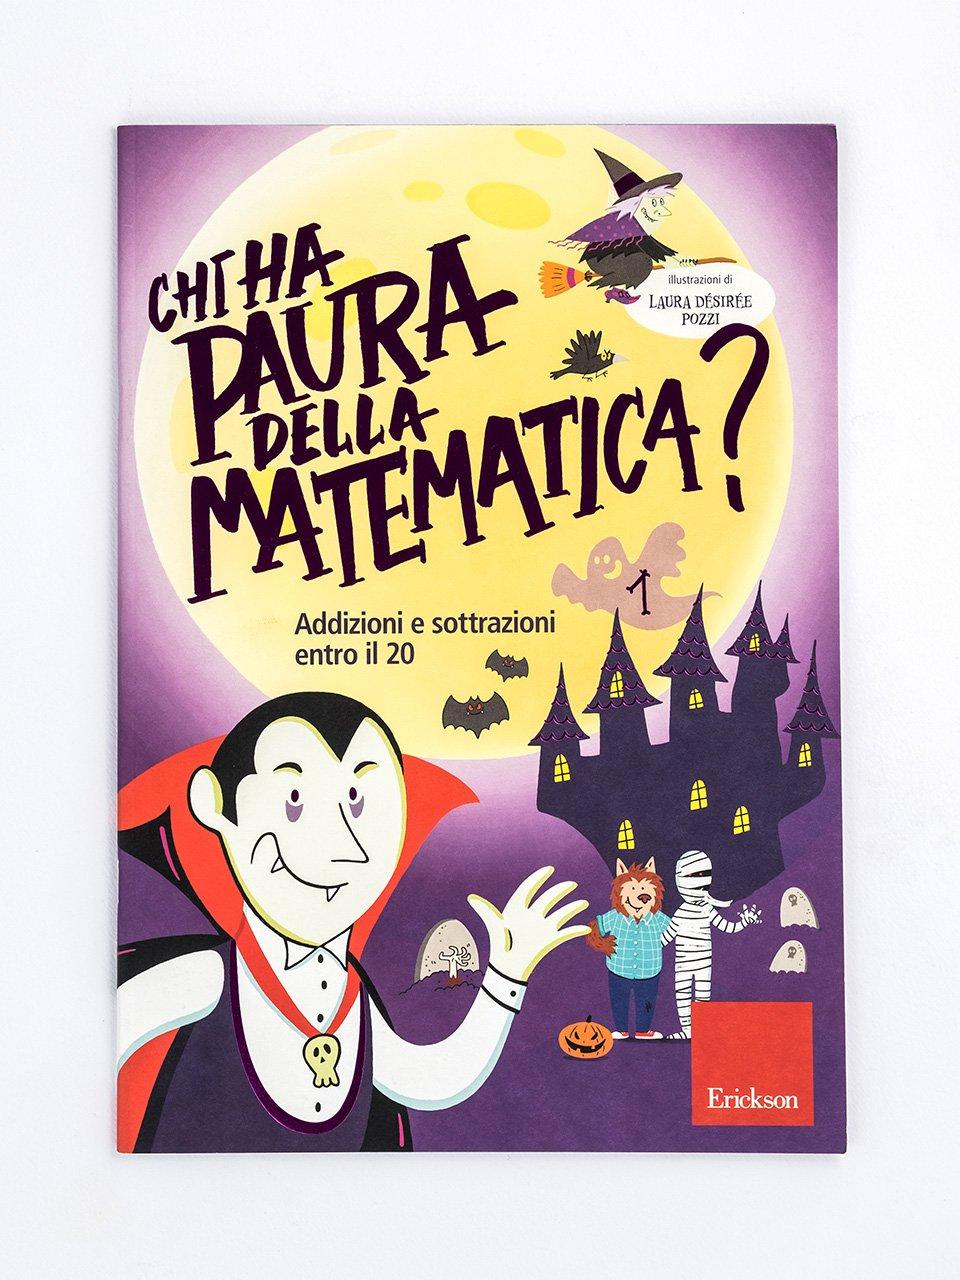 Chi ha paura della matematica? - Volume 1 - Libri - Erickson